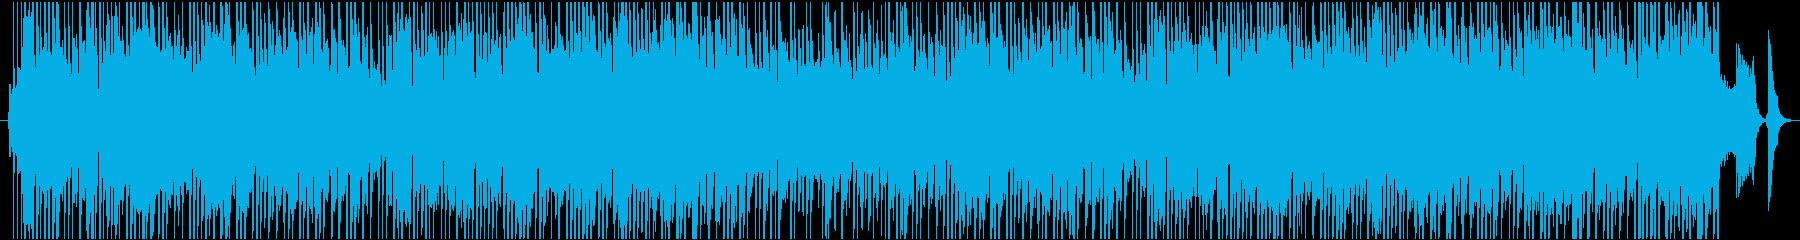 バラード あたたかい 幸せ 劇的な...の再生済みの波形